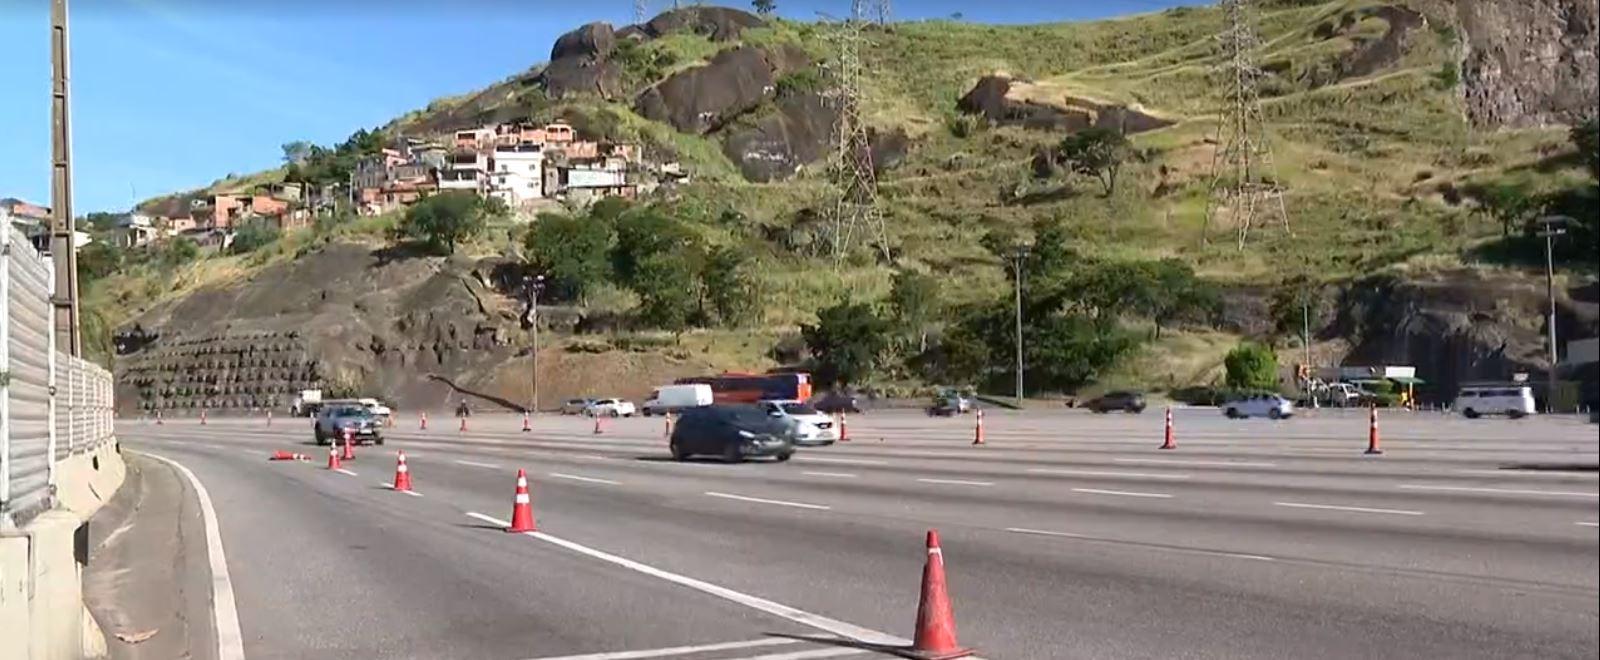 Justiça dá 30 dias para Prefeitura do Rio concluir processo e assumir de forma definitiva gestão da Linha Amarela